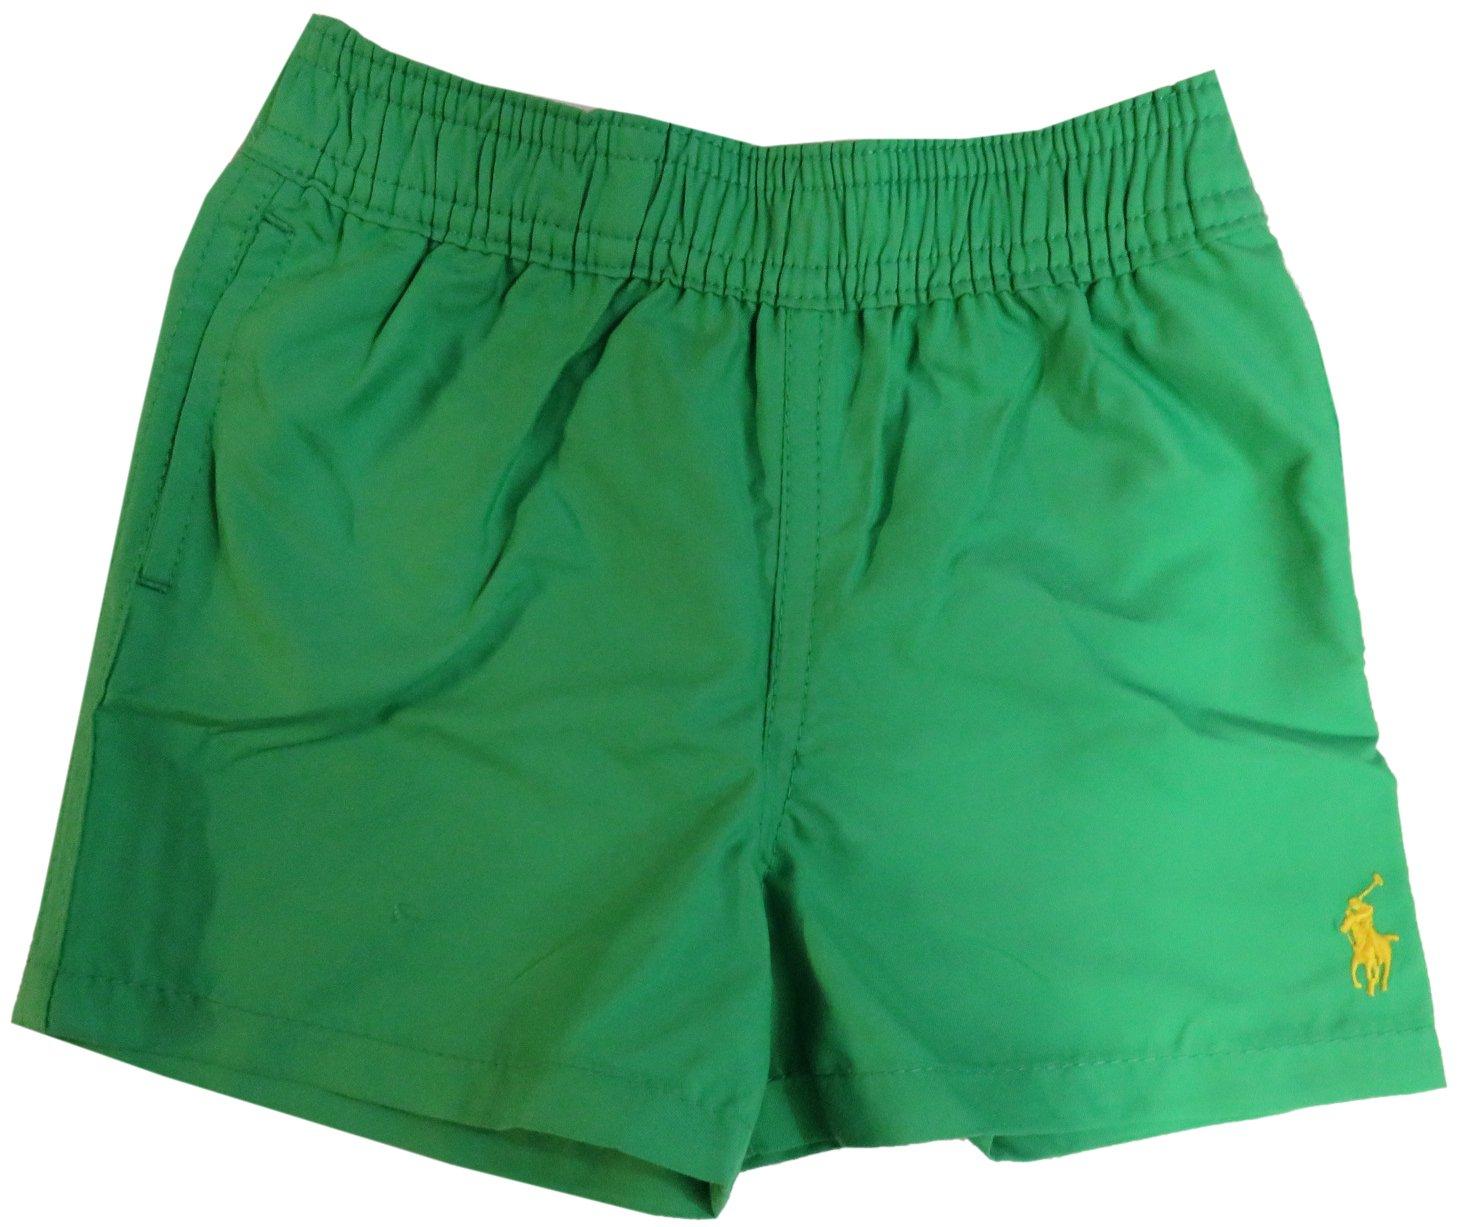 Ralph Lauren Polo Infant Boy's Swim Trunks Tiller Green (24 Months) by Ralph Lauren